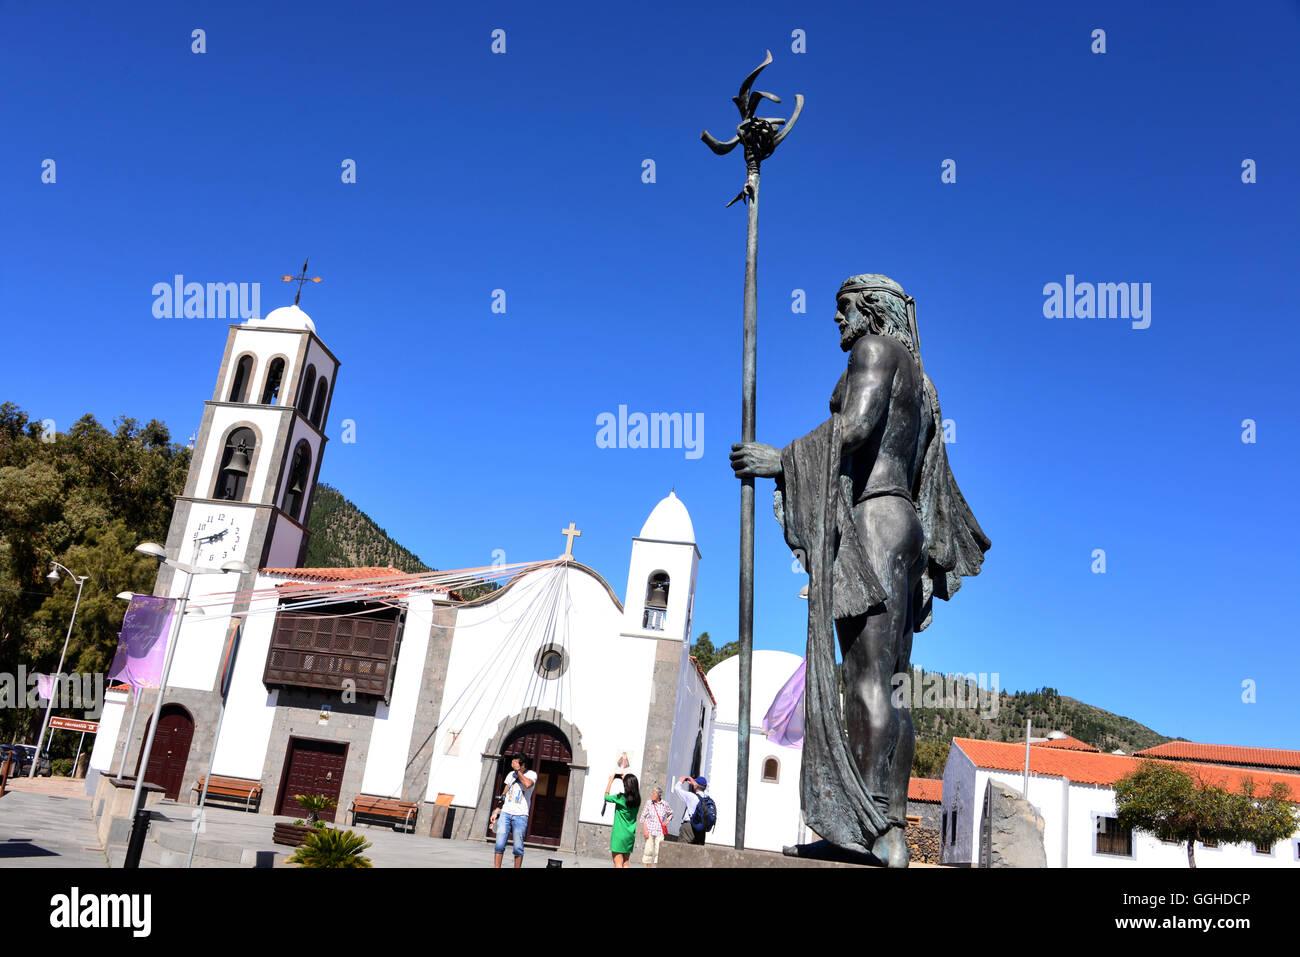 Kirche, Santiago del Teide, Teneriffa, Kanarische Inseln, Spanien Stockbild